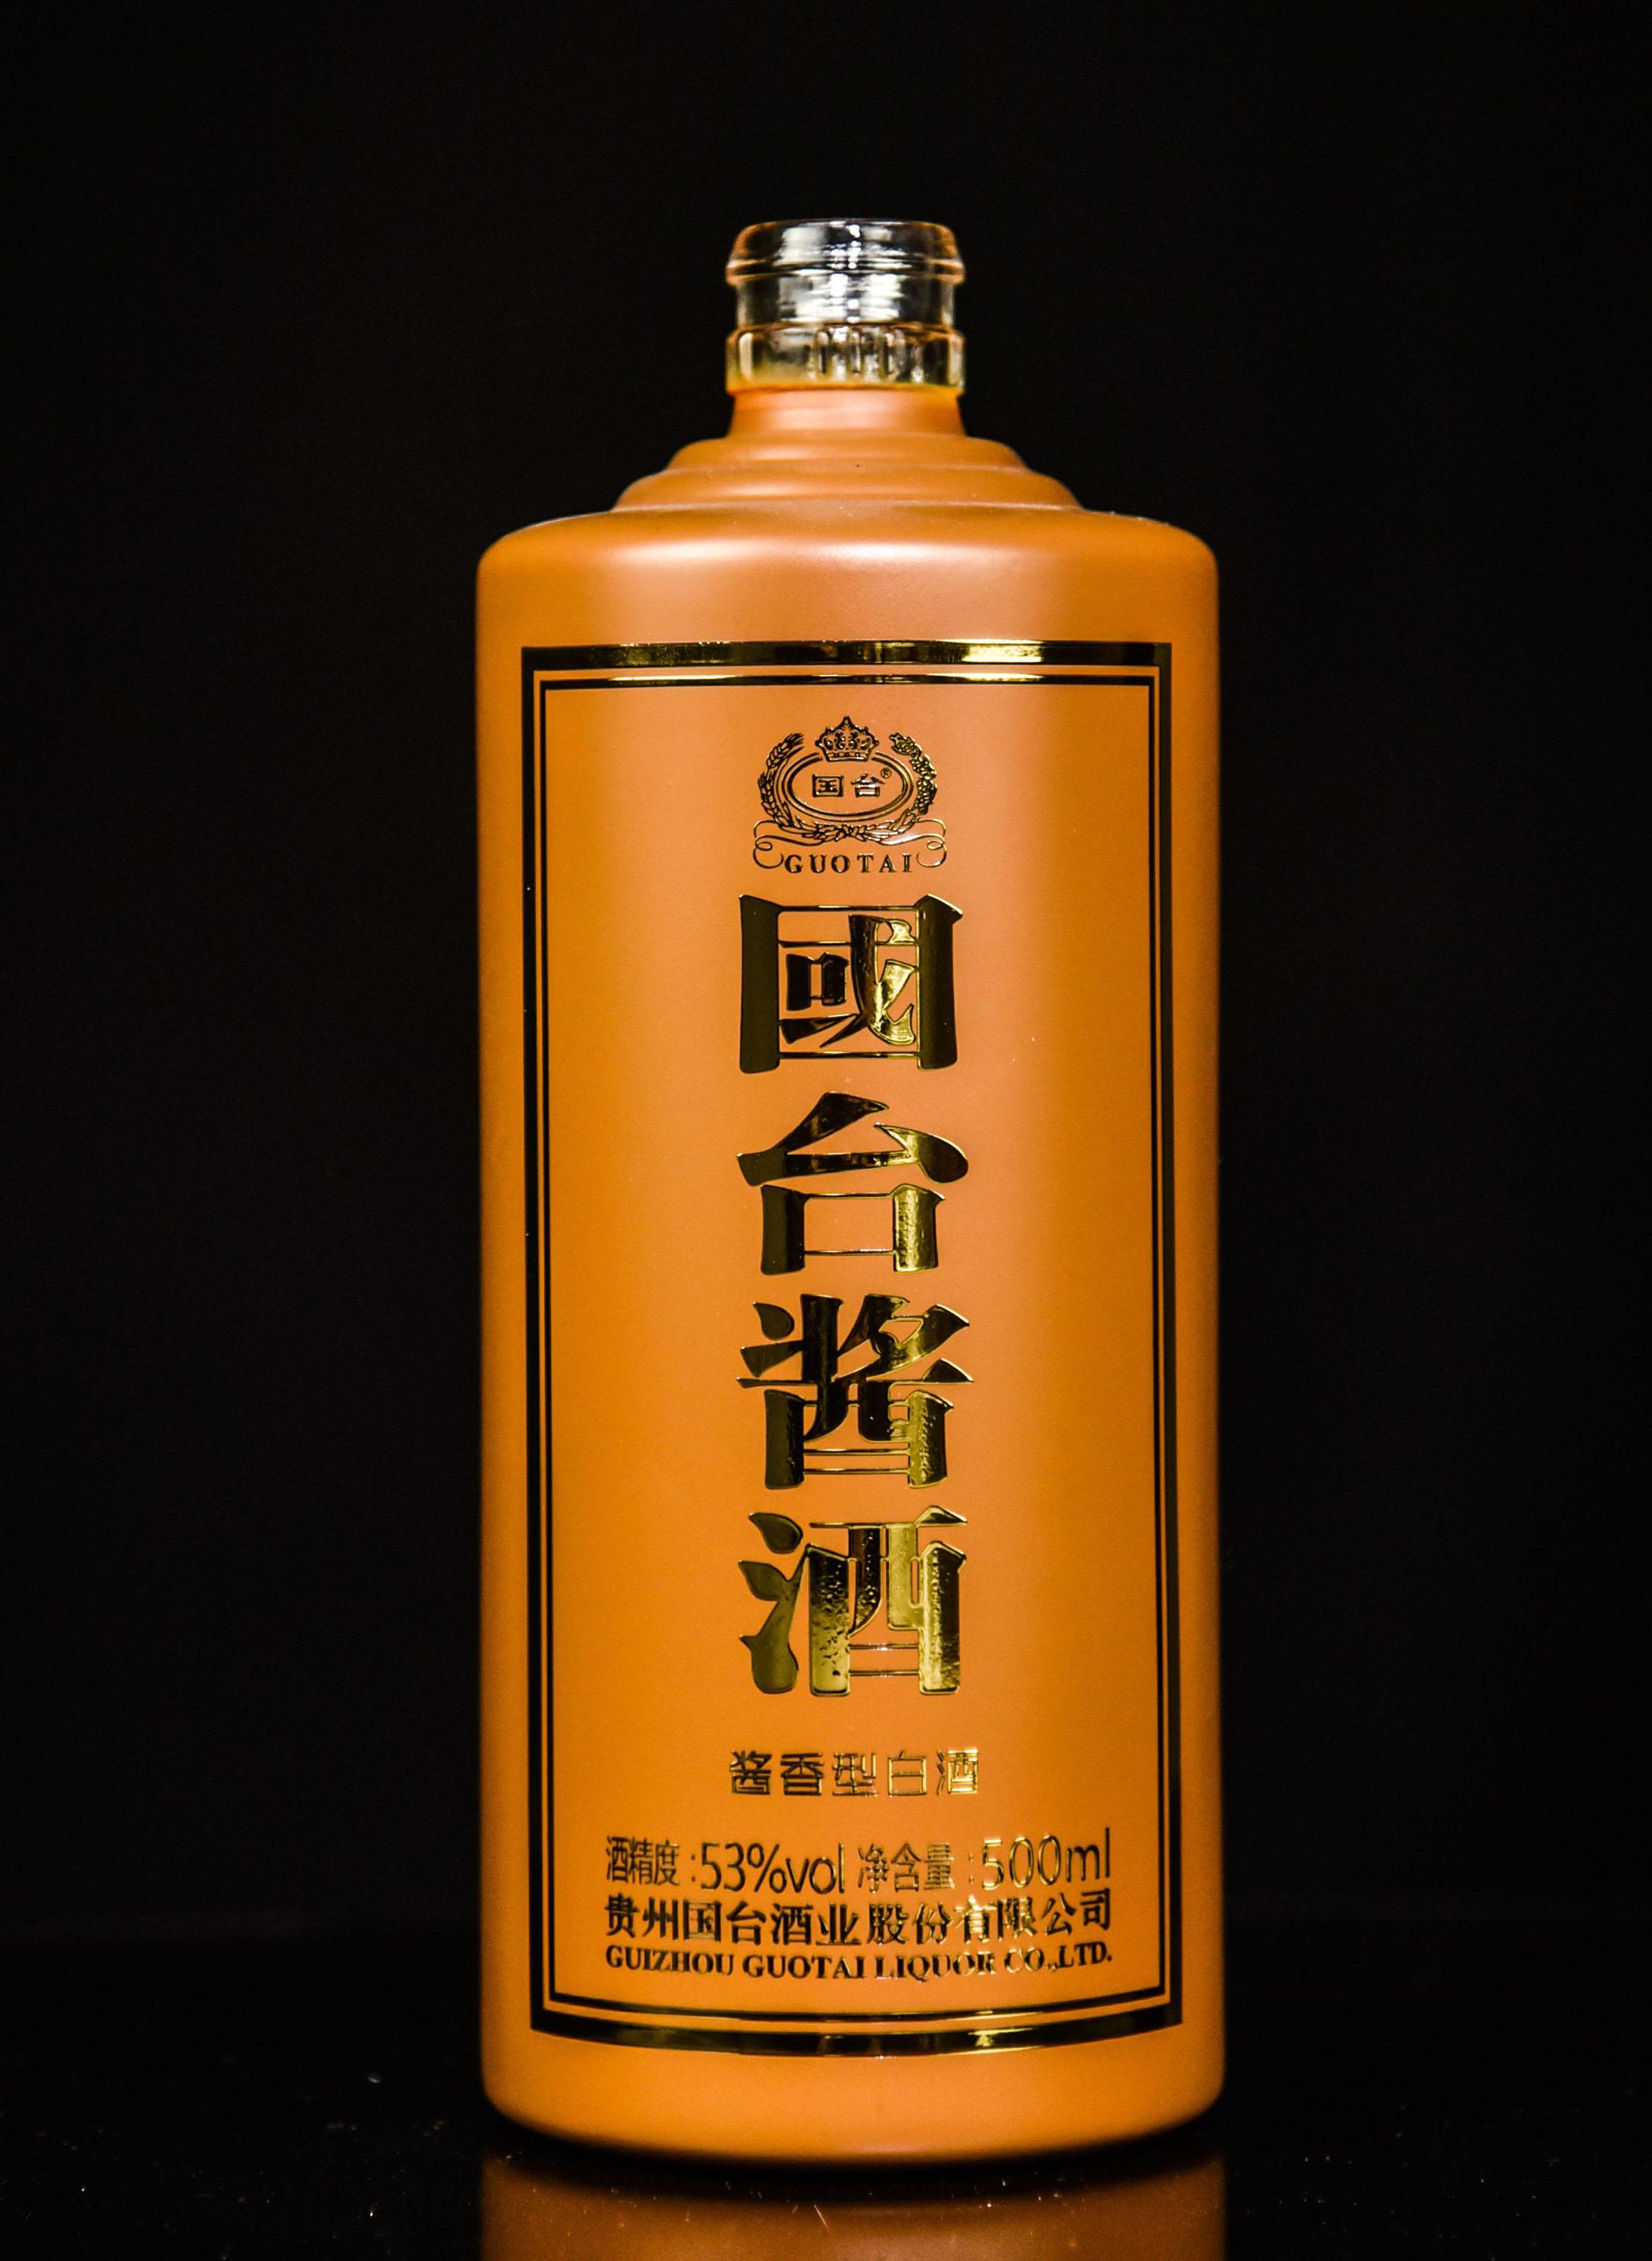 国台酱酒瓶